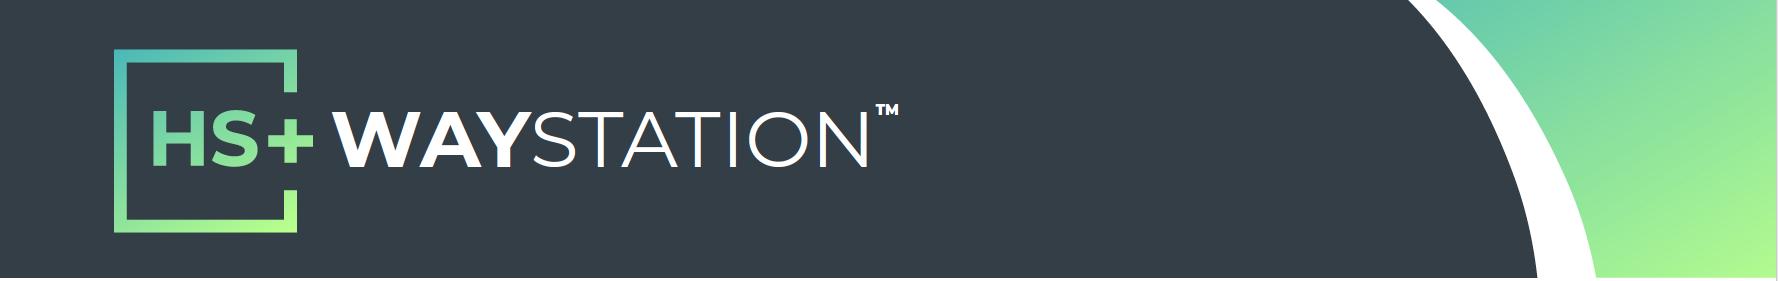 Hypersign Waystation banner